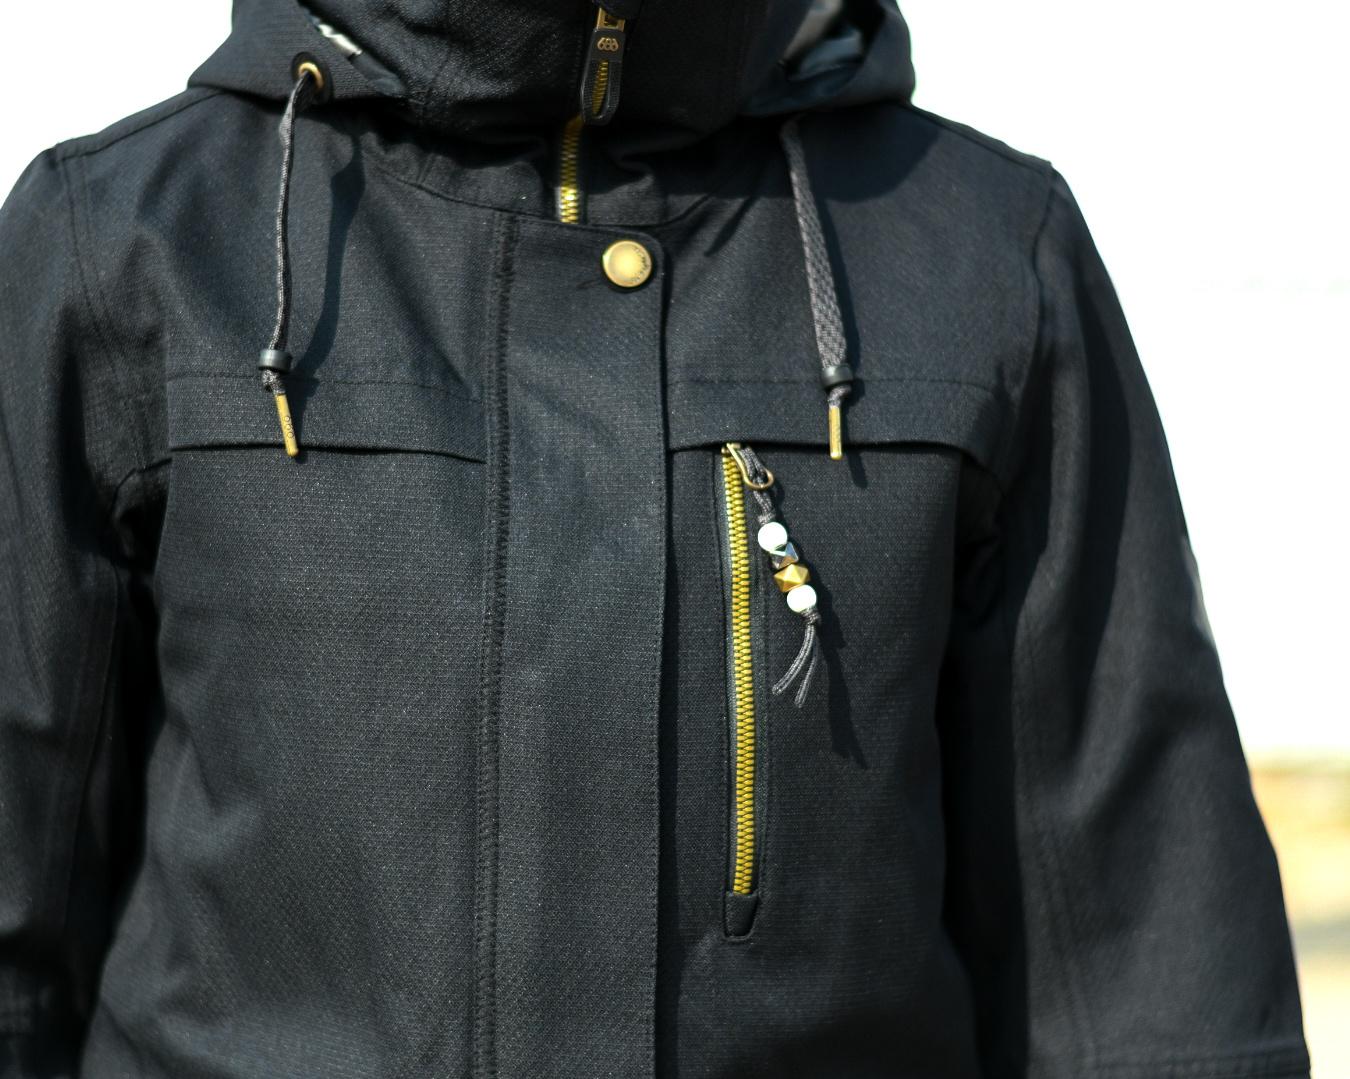 Women's Jackets & Snowboard Jackets